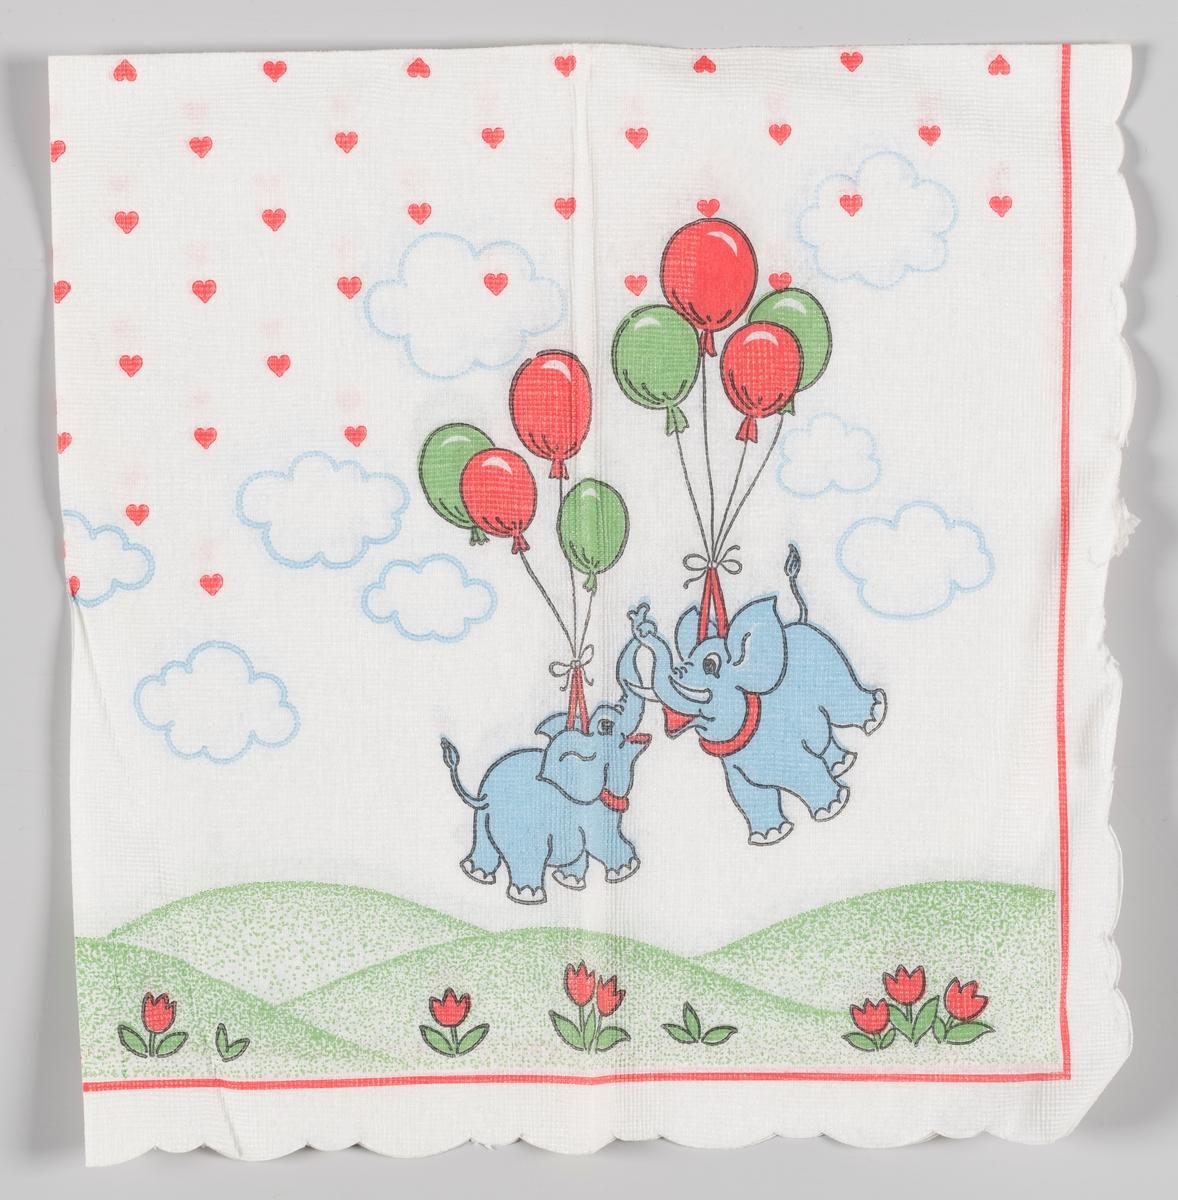 To flygende elefanter som holdes opp i luften av ballonger. Bakkelandskap og blomster. Hjerter og skyer på himmelen.